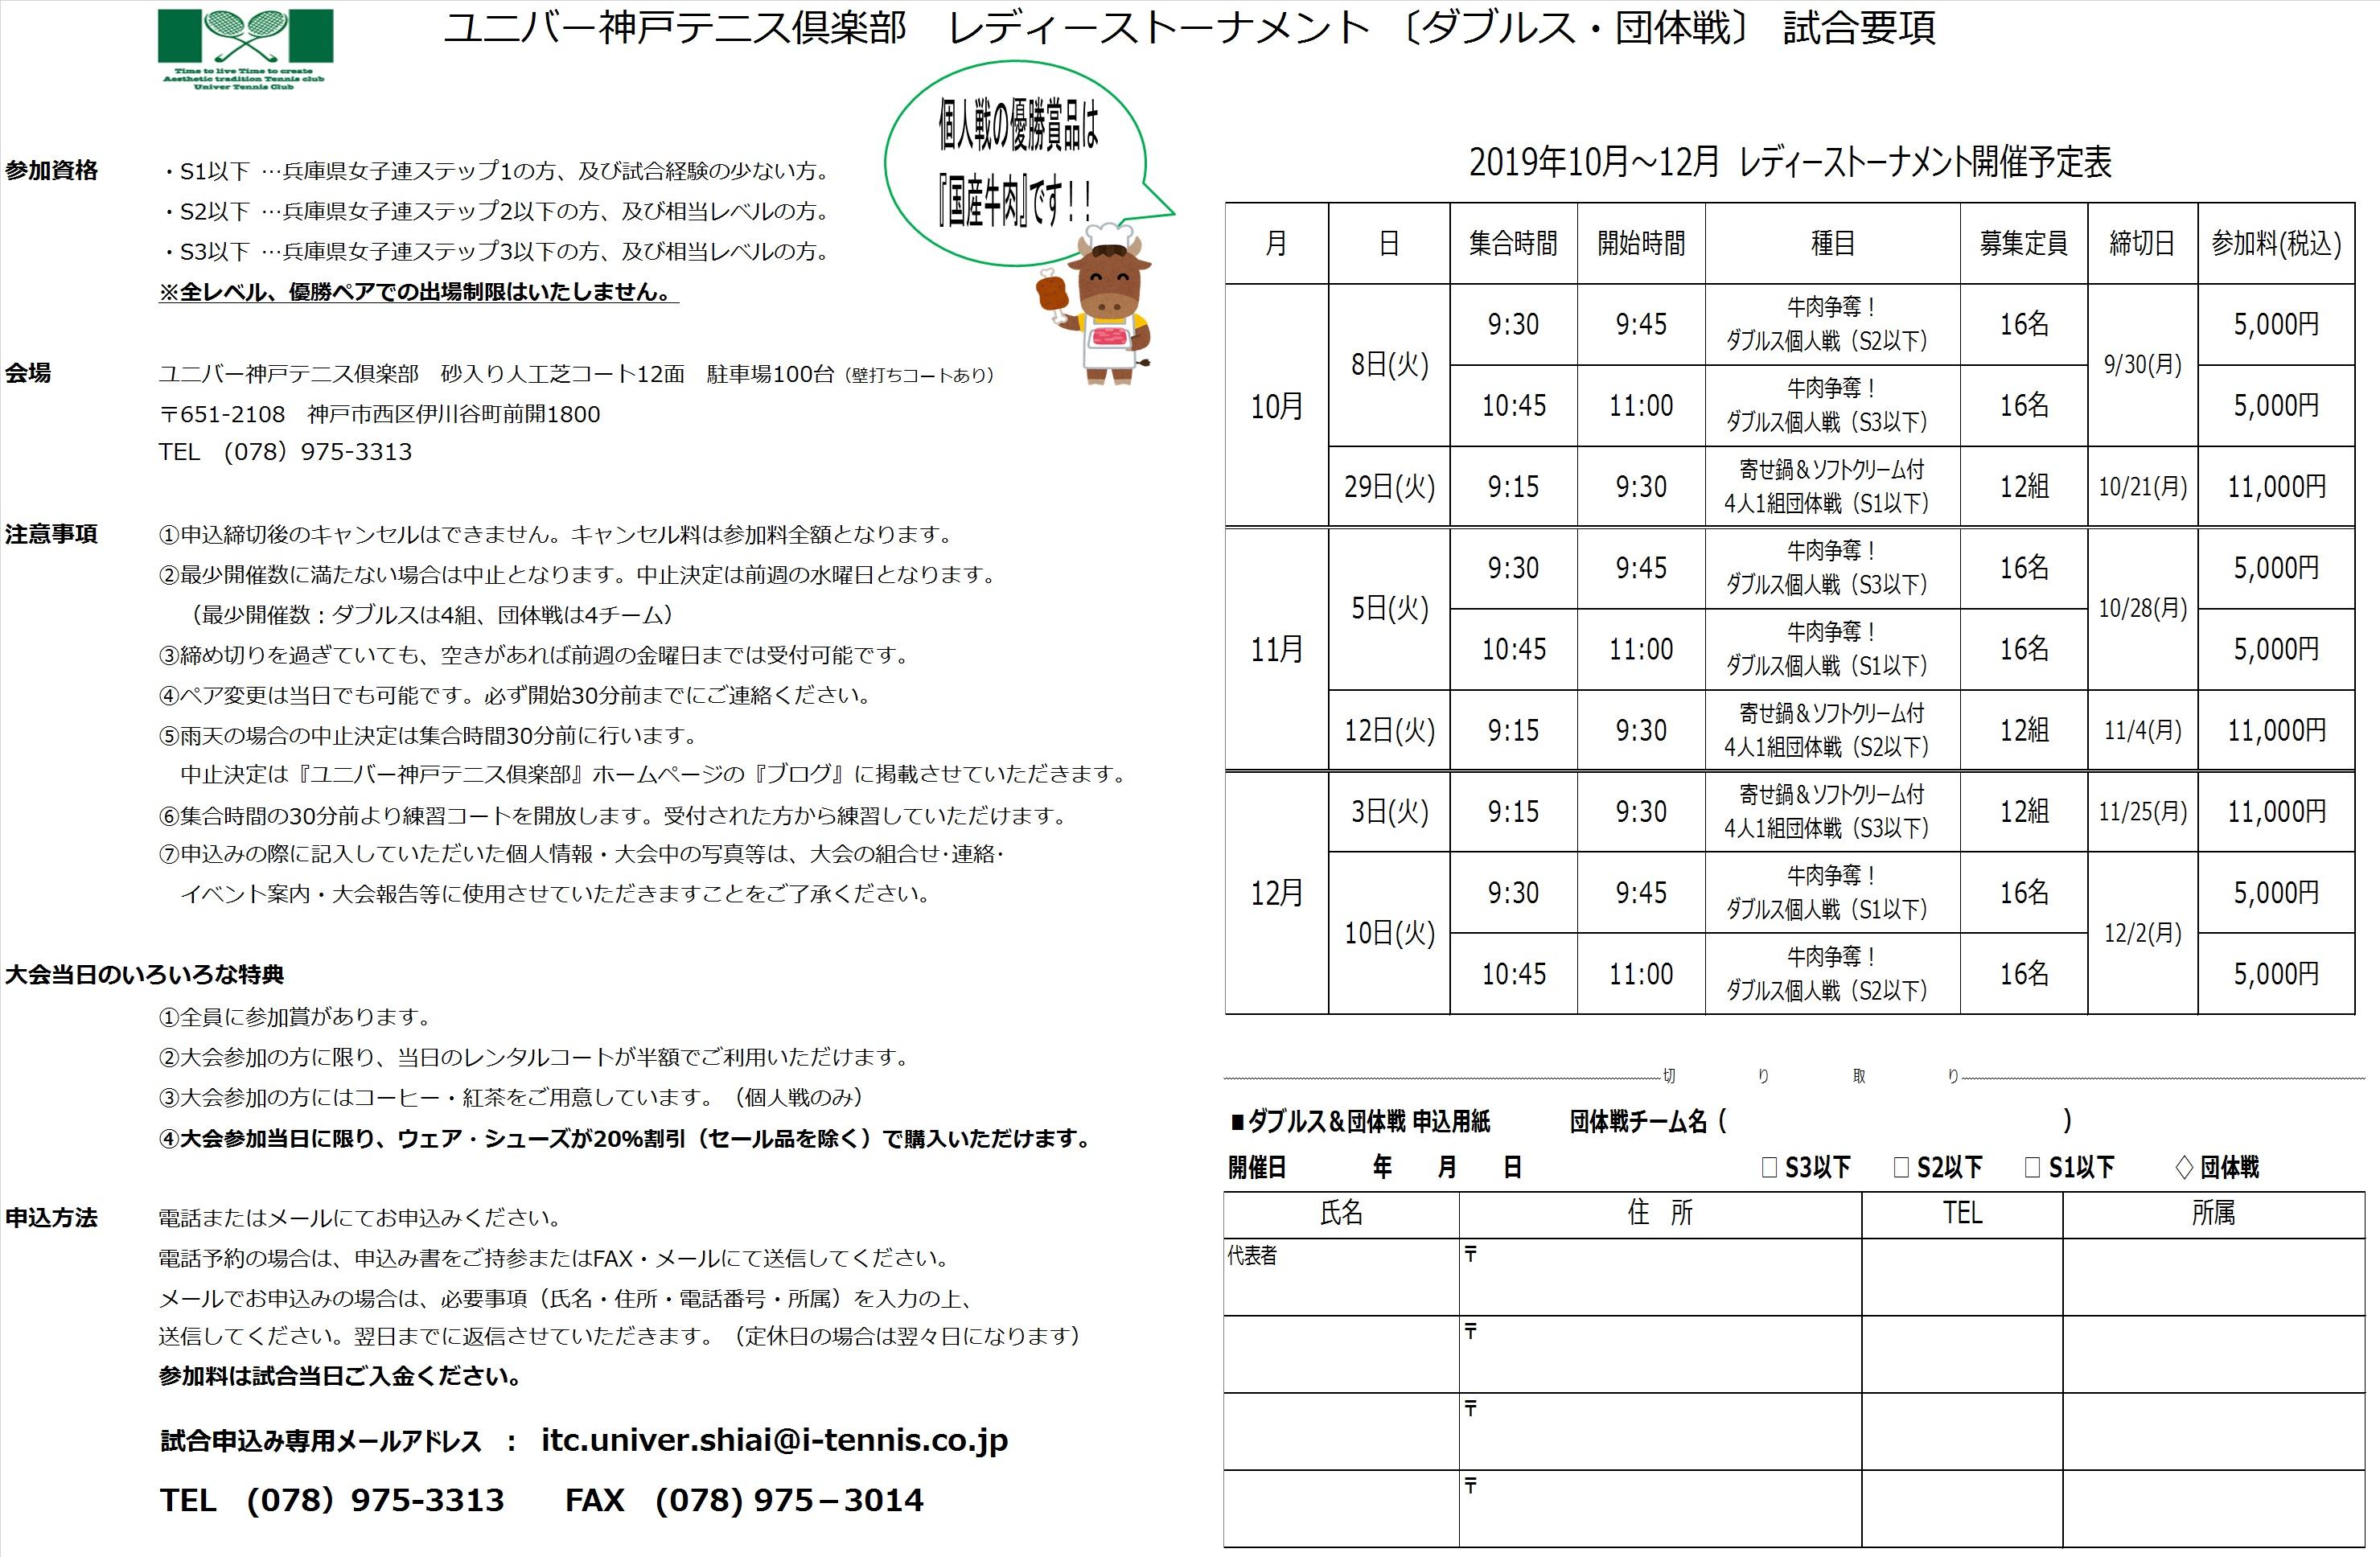 無題.jpg20191012